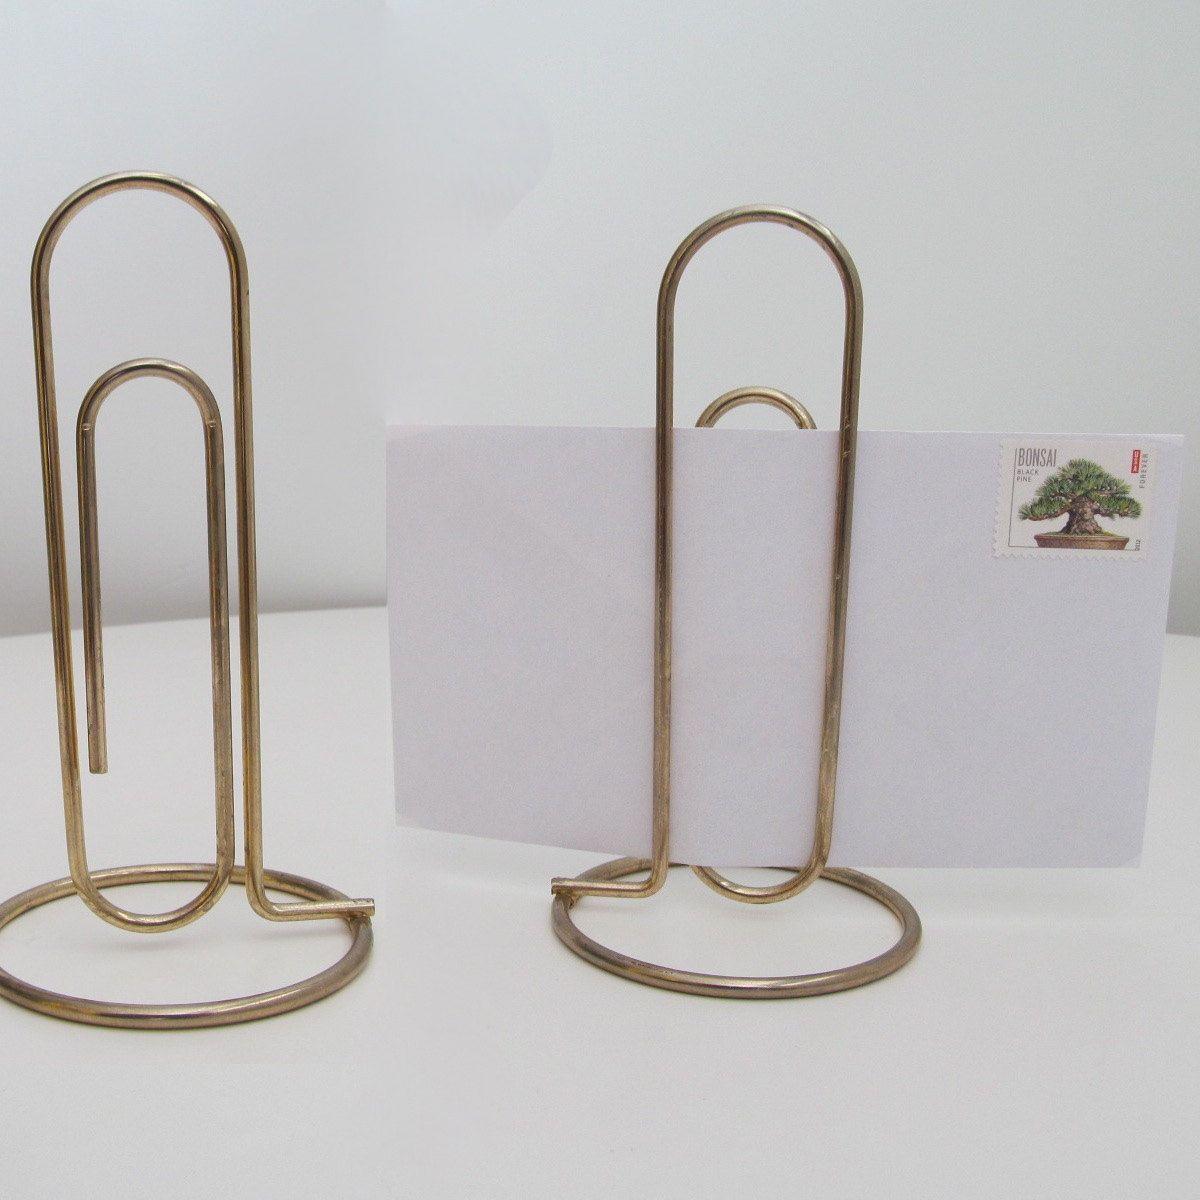 Large Vintage Brass paper Clip - Mid Century Novelty Desk Letter Holder. $8.00, via Etsy.